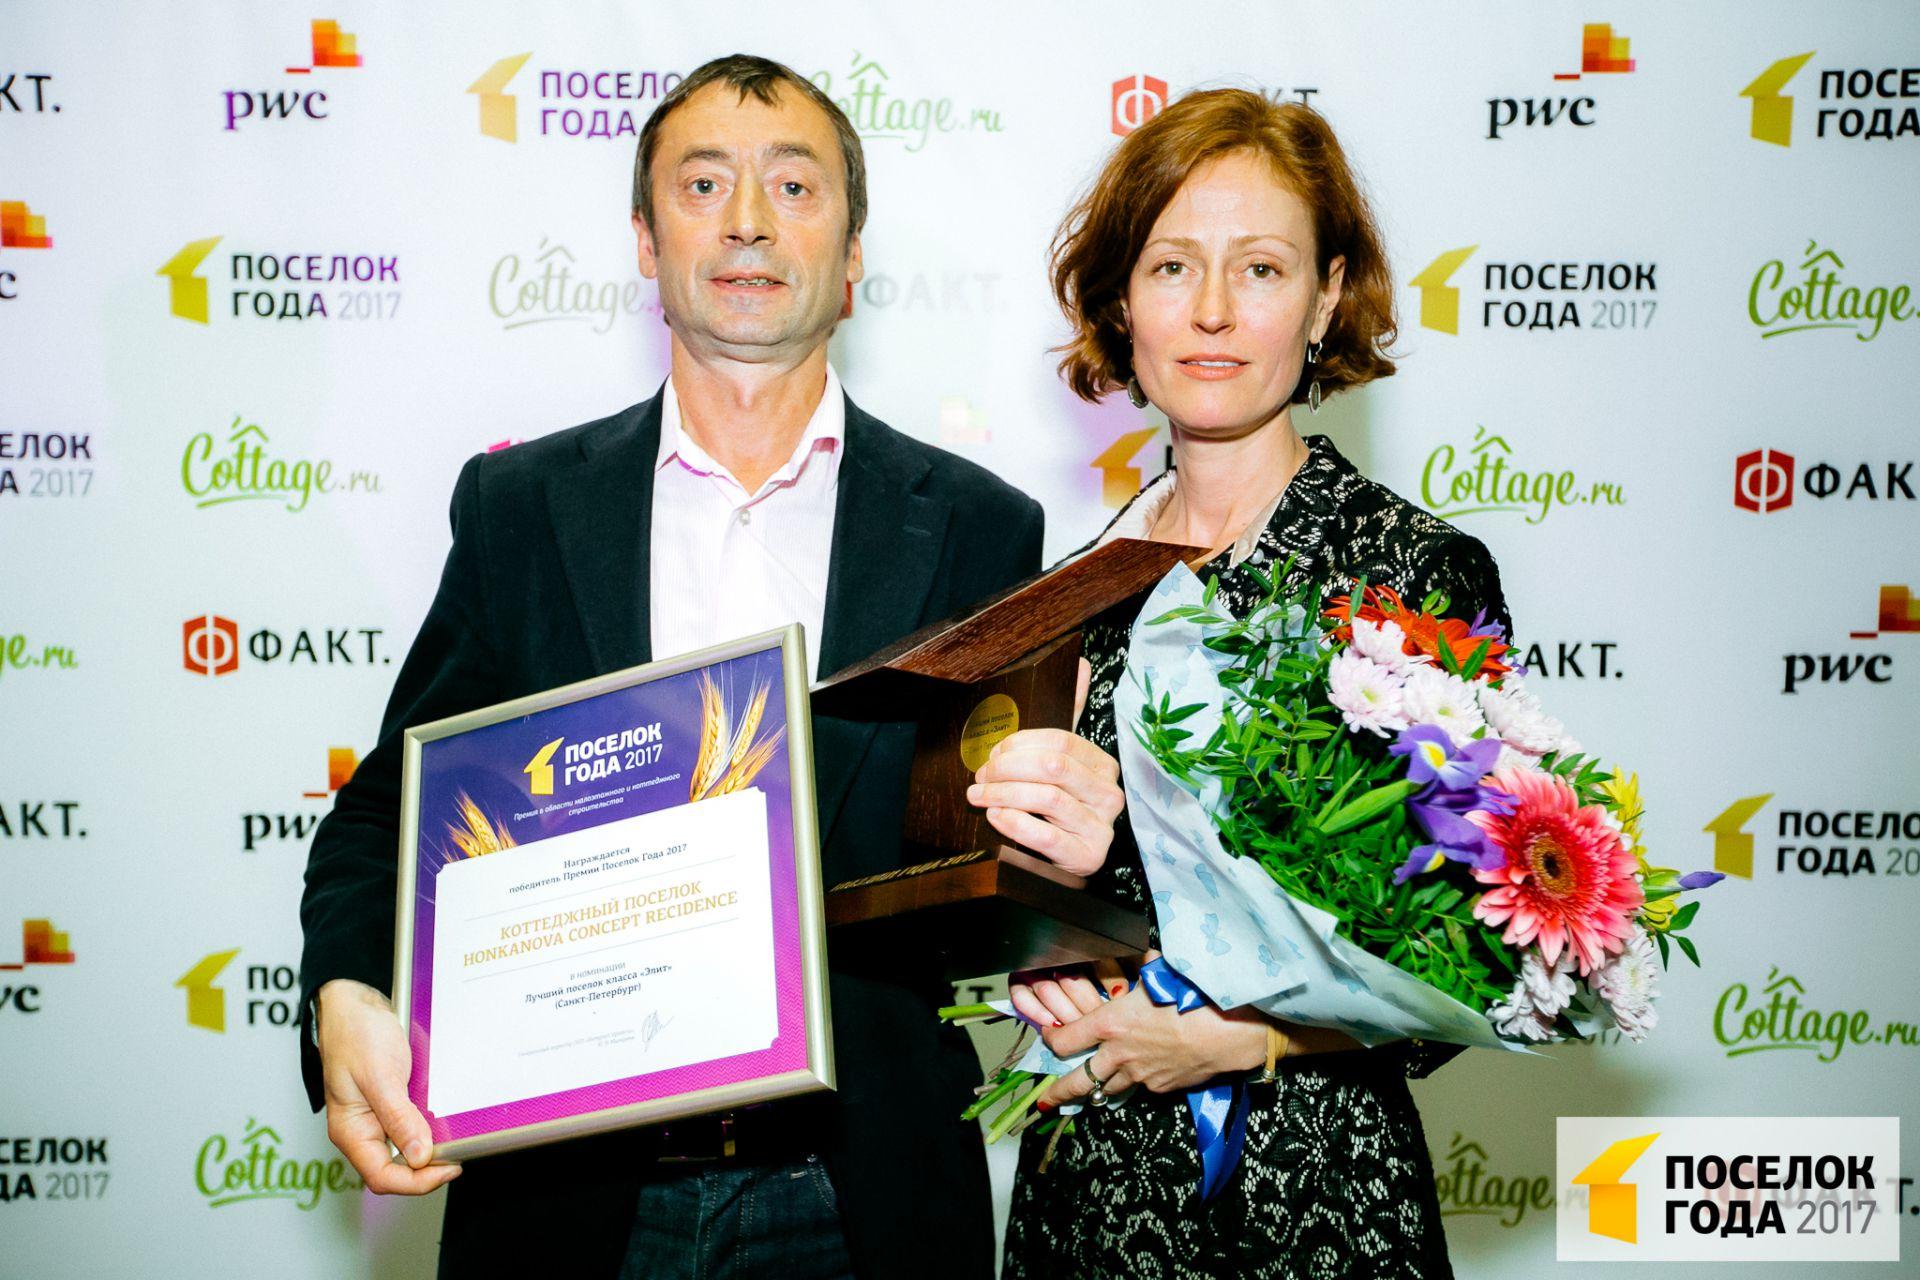 HONKA — двоекратный победитель «Поселка года»